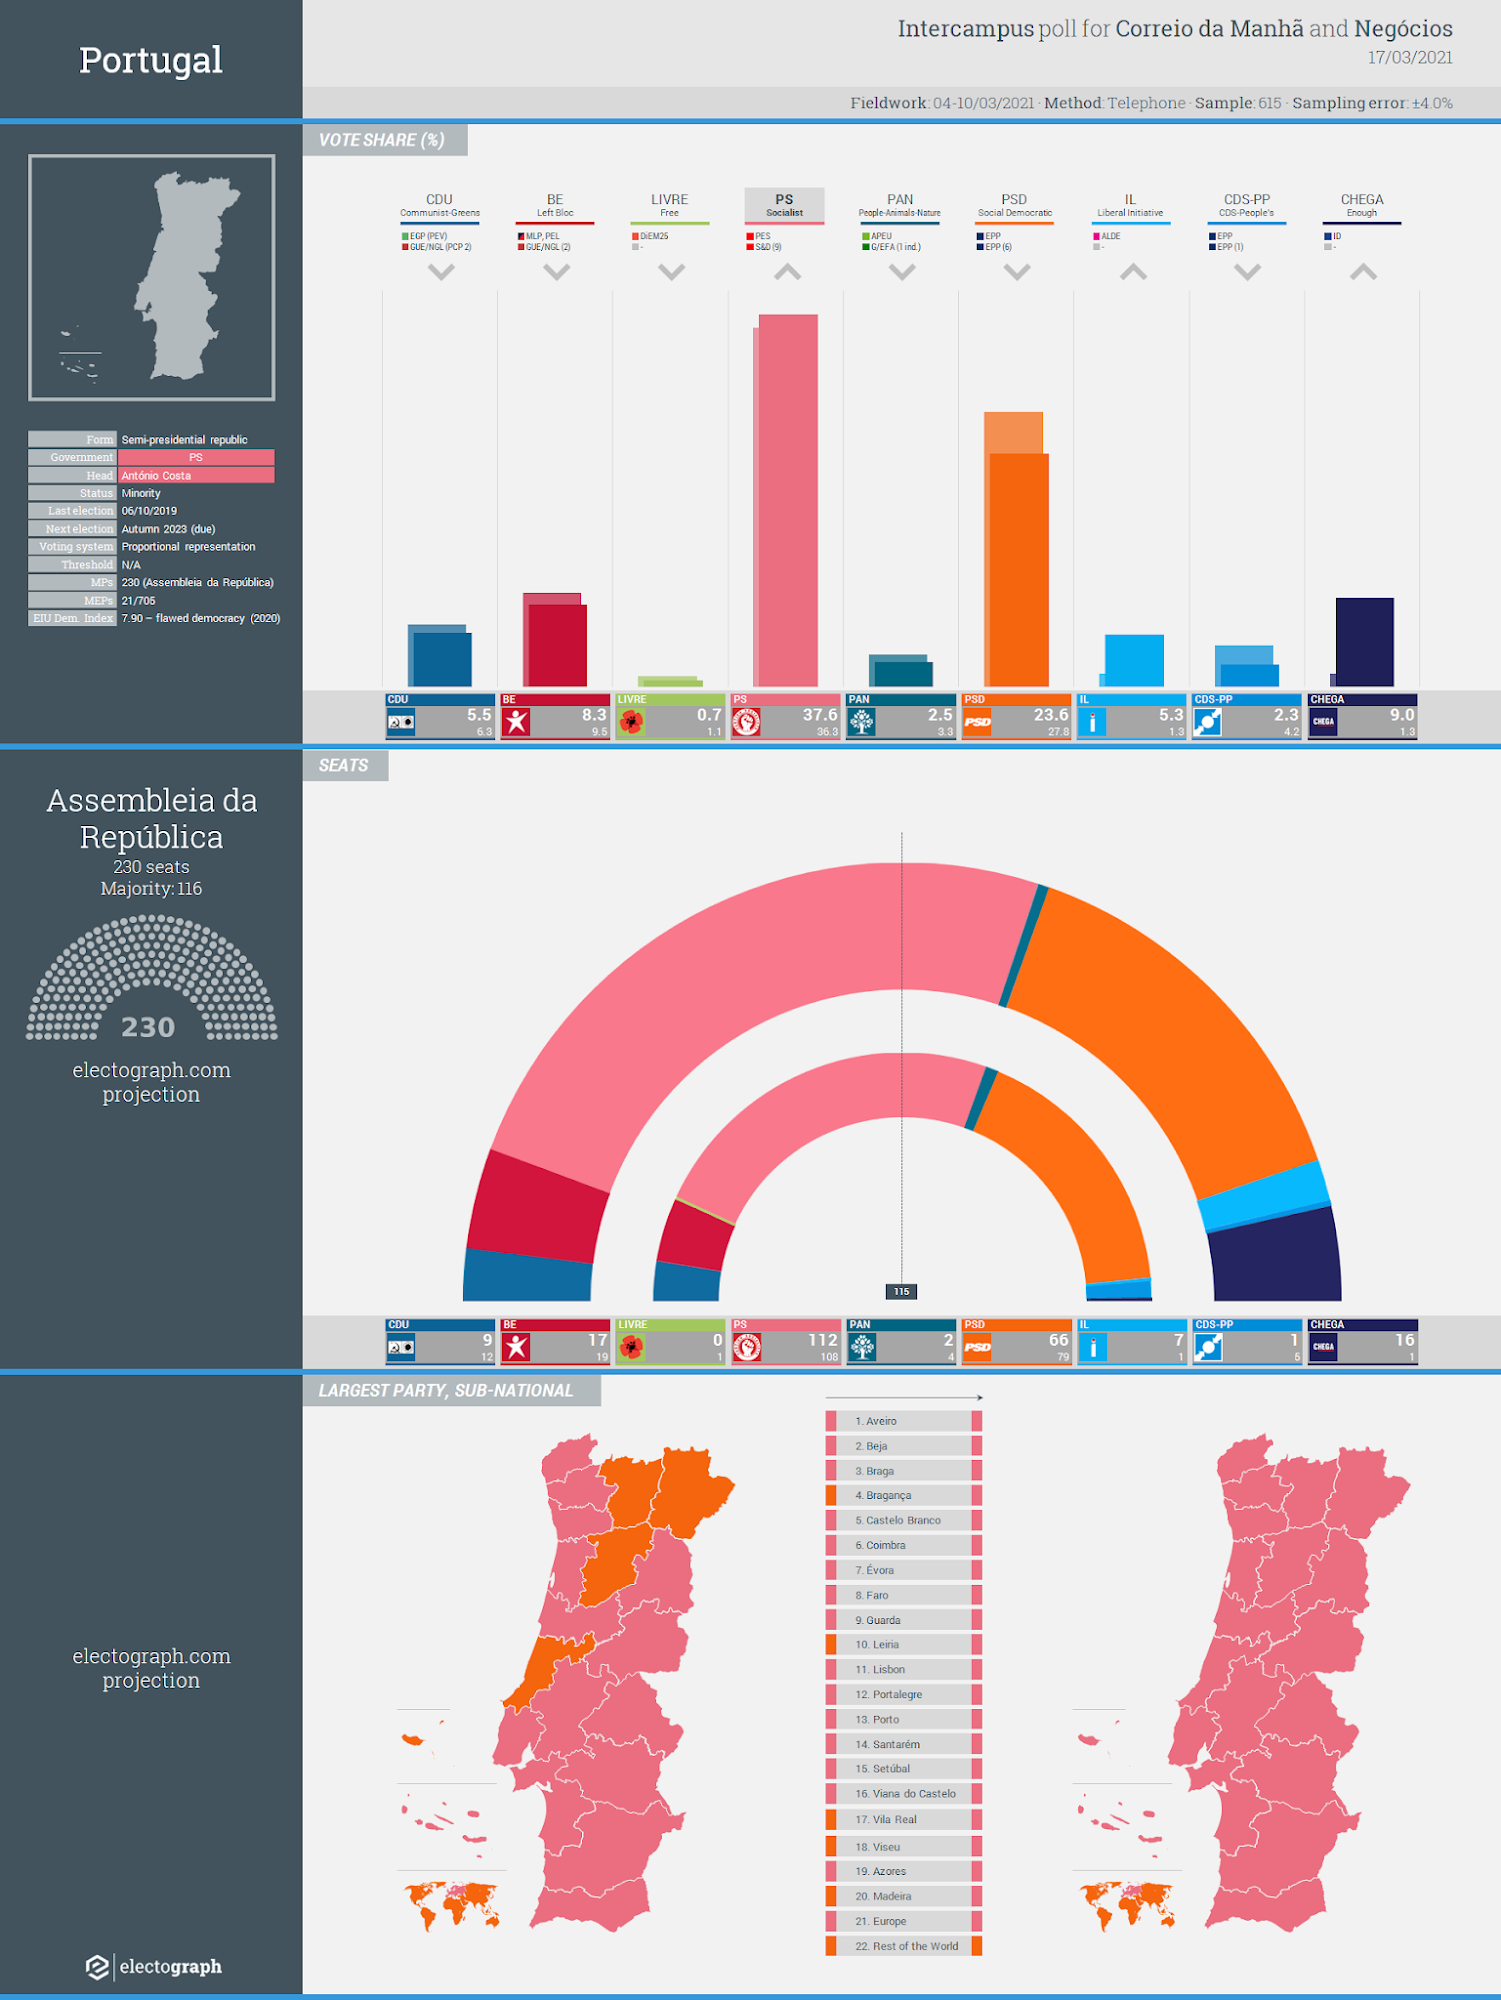 PORTUGAL: Intercampus poll chart for Correio da Manhã, 17 March 2021